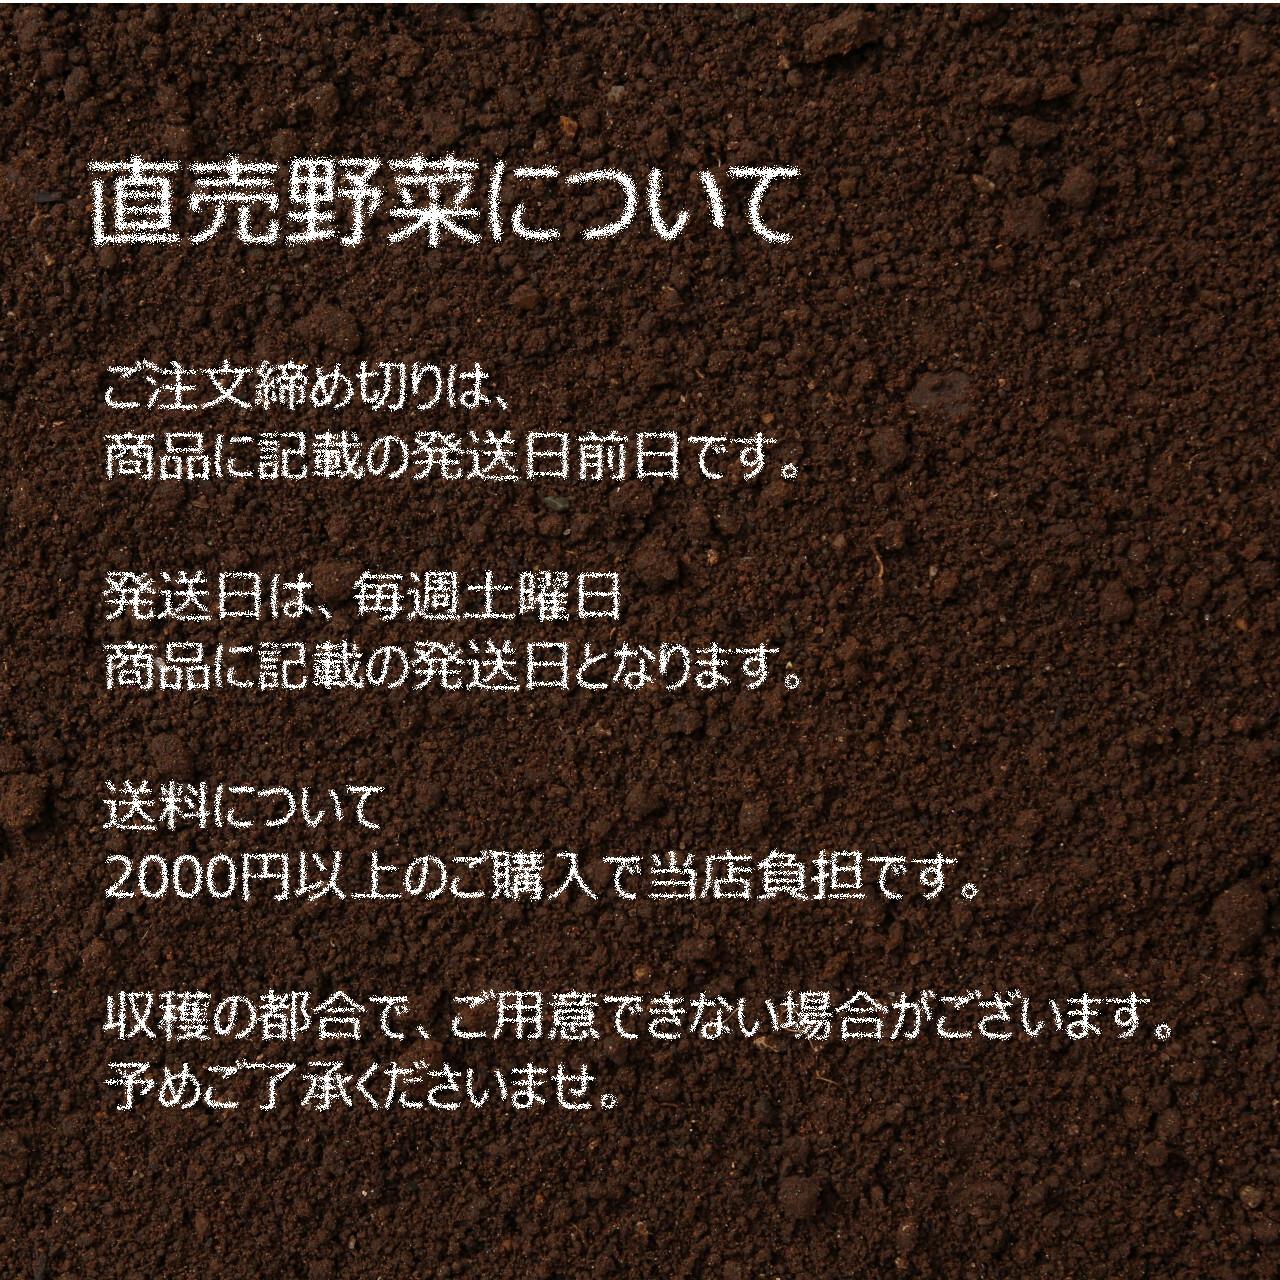 6月の朝採り直売野菜 : ズッキーニ 6月8日発送予定